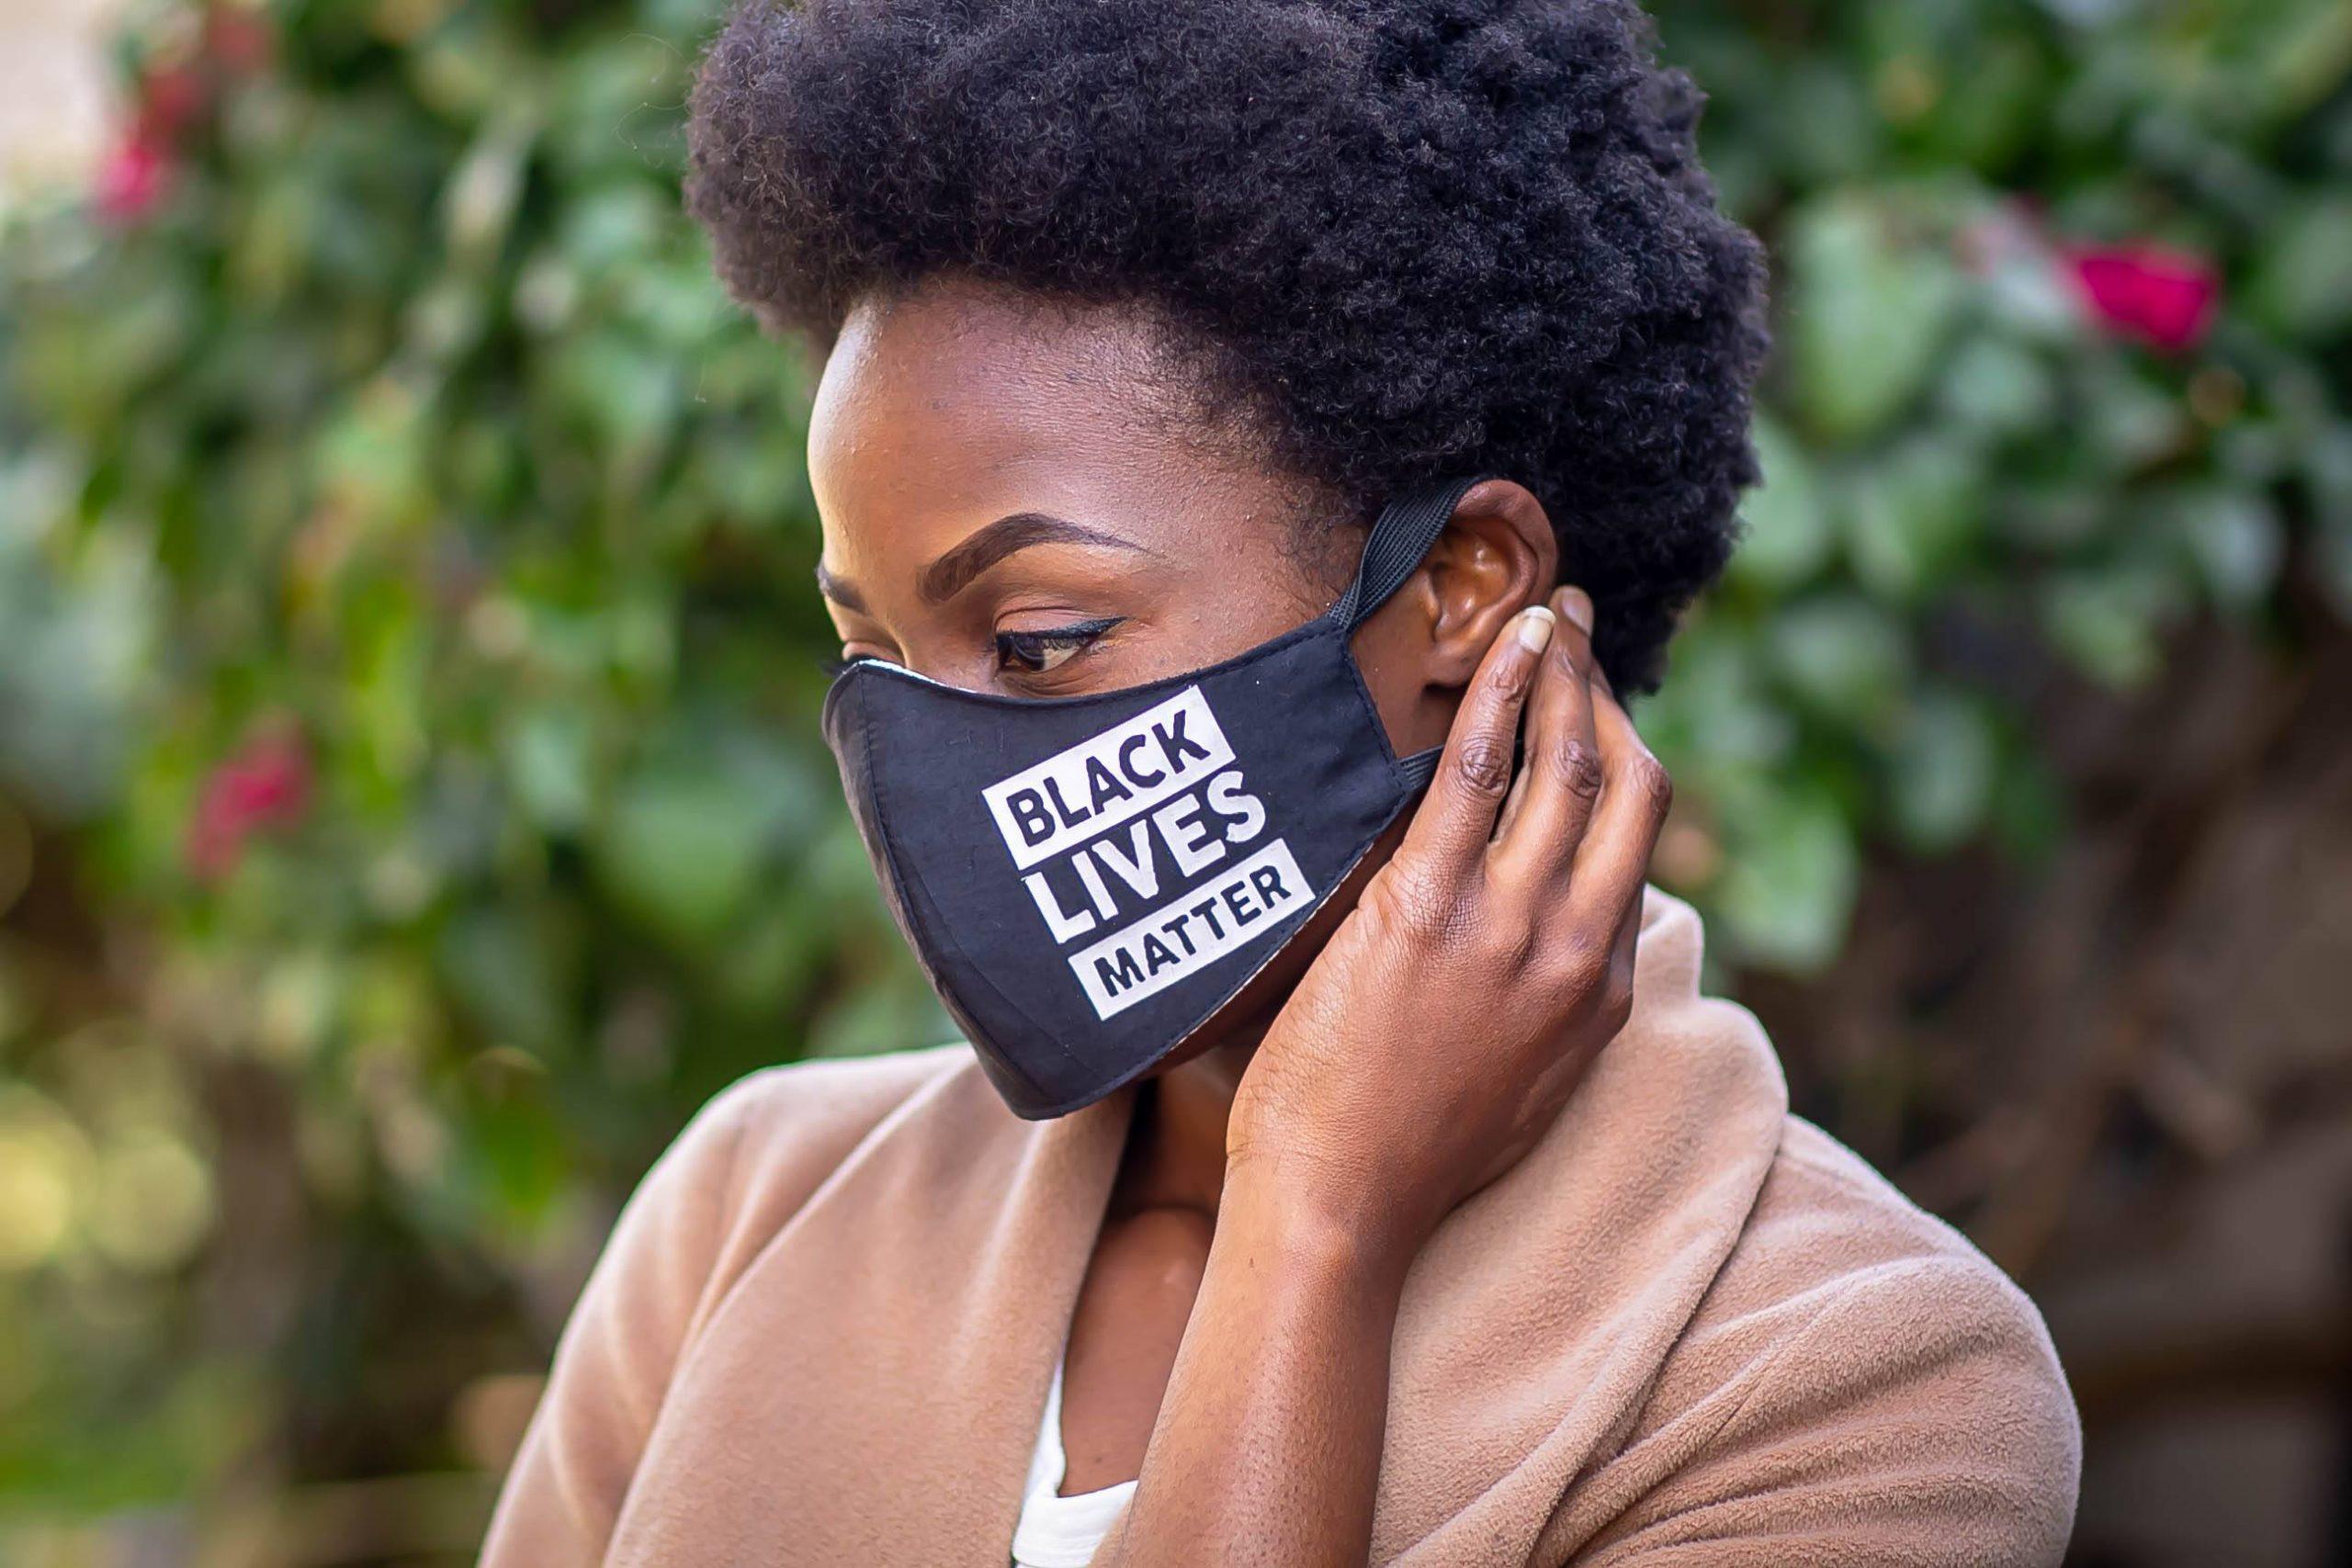 White Heat Printed Black Lives Matter Mask Kind Shop